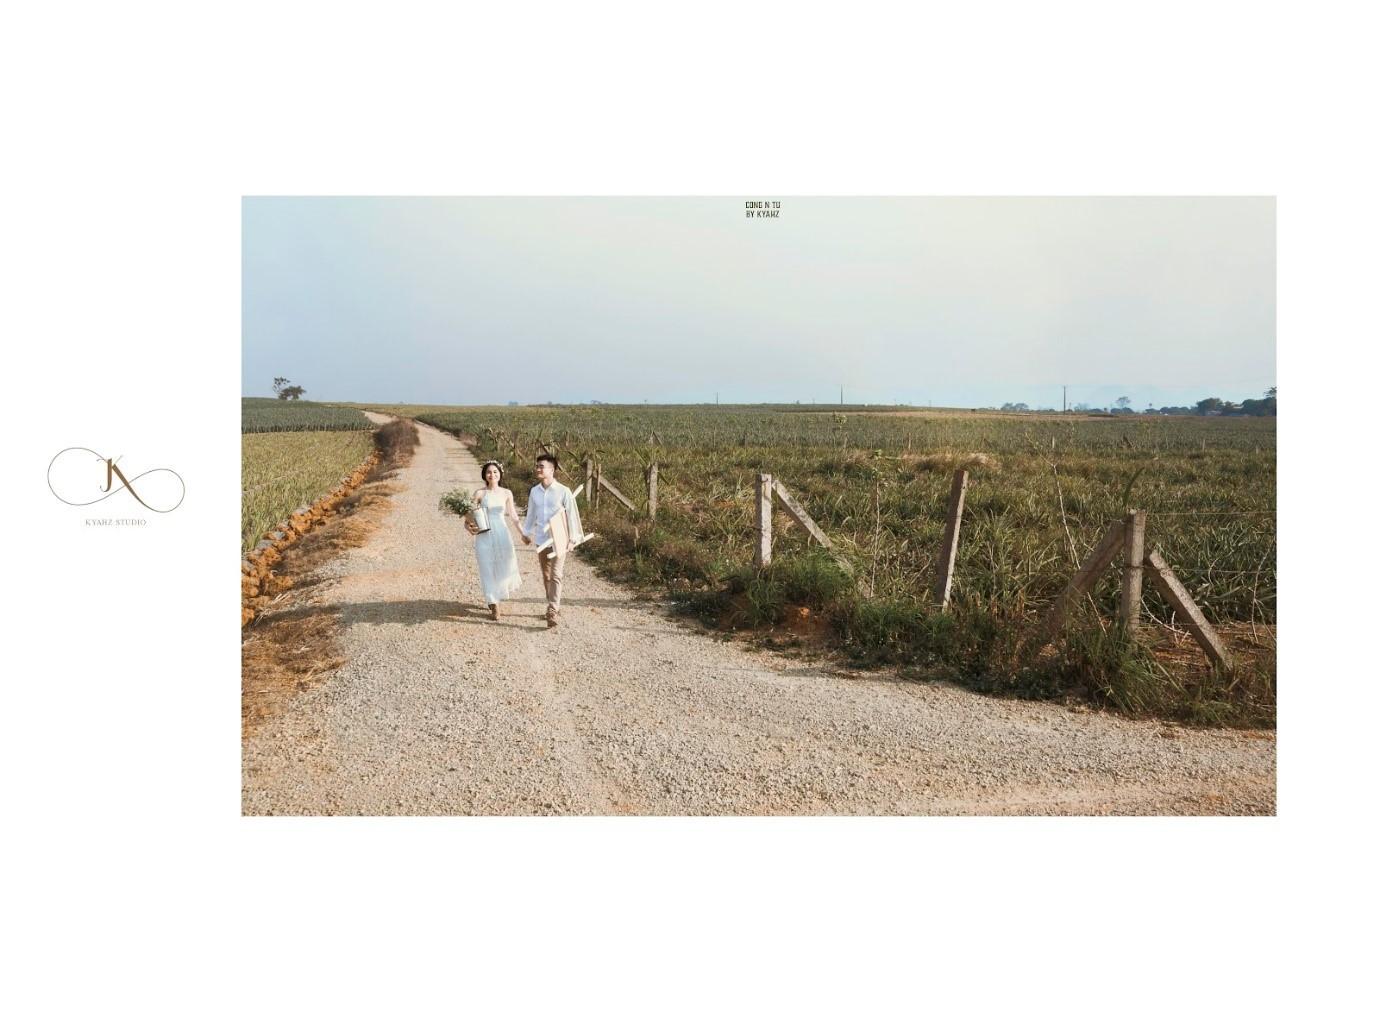 """Dân tình phát sốt với bộ ảnh cưới trong trẻo """"Vẽ giấc mơ tình yêu"""" trên cánh đồng dứa Ninh Bình - Ảnh 6."""